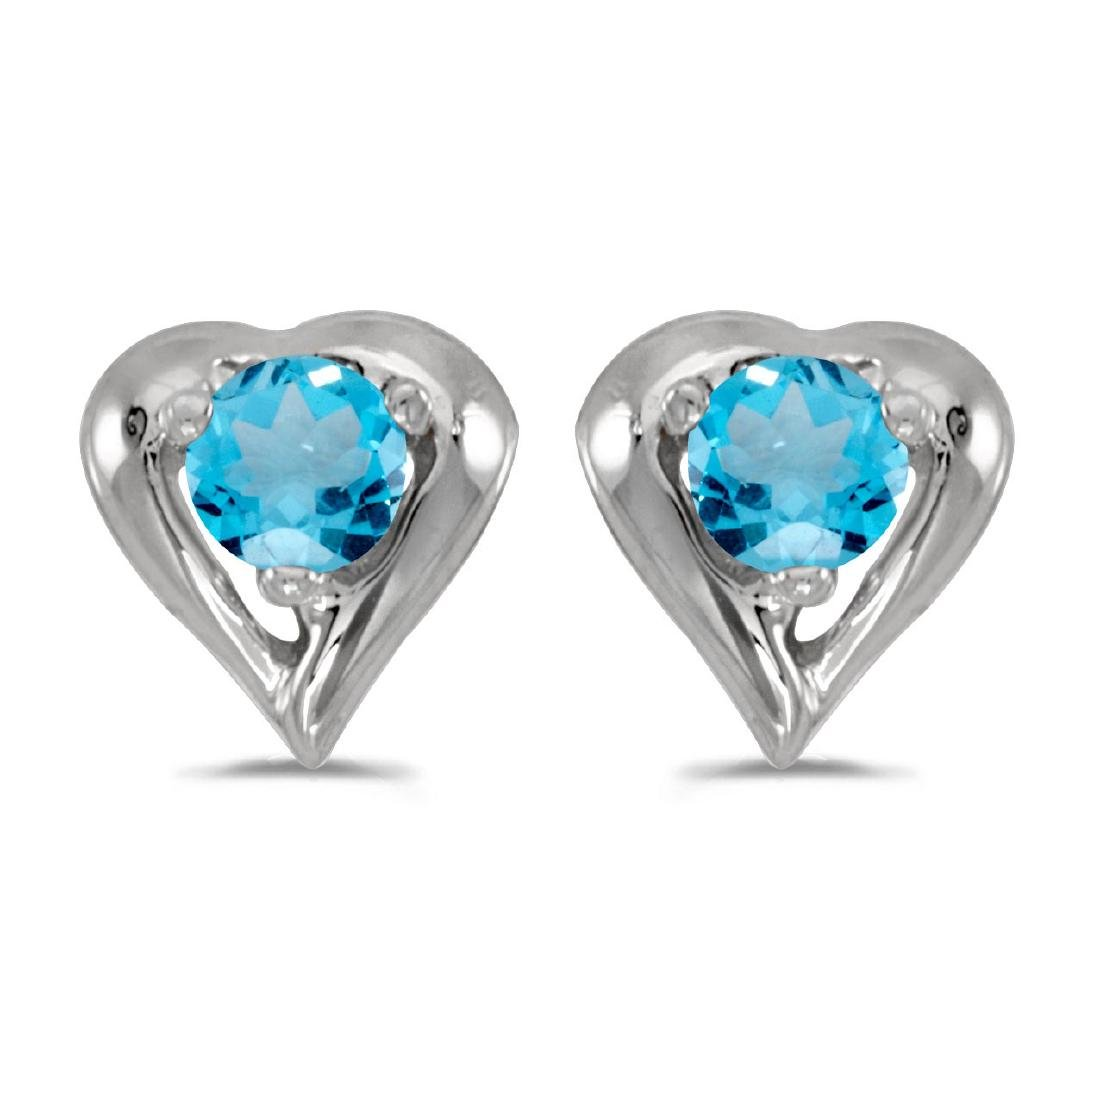 Certified 14k White Gold Round Blue Topaz Heart Earring